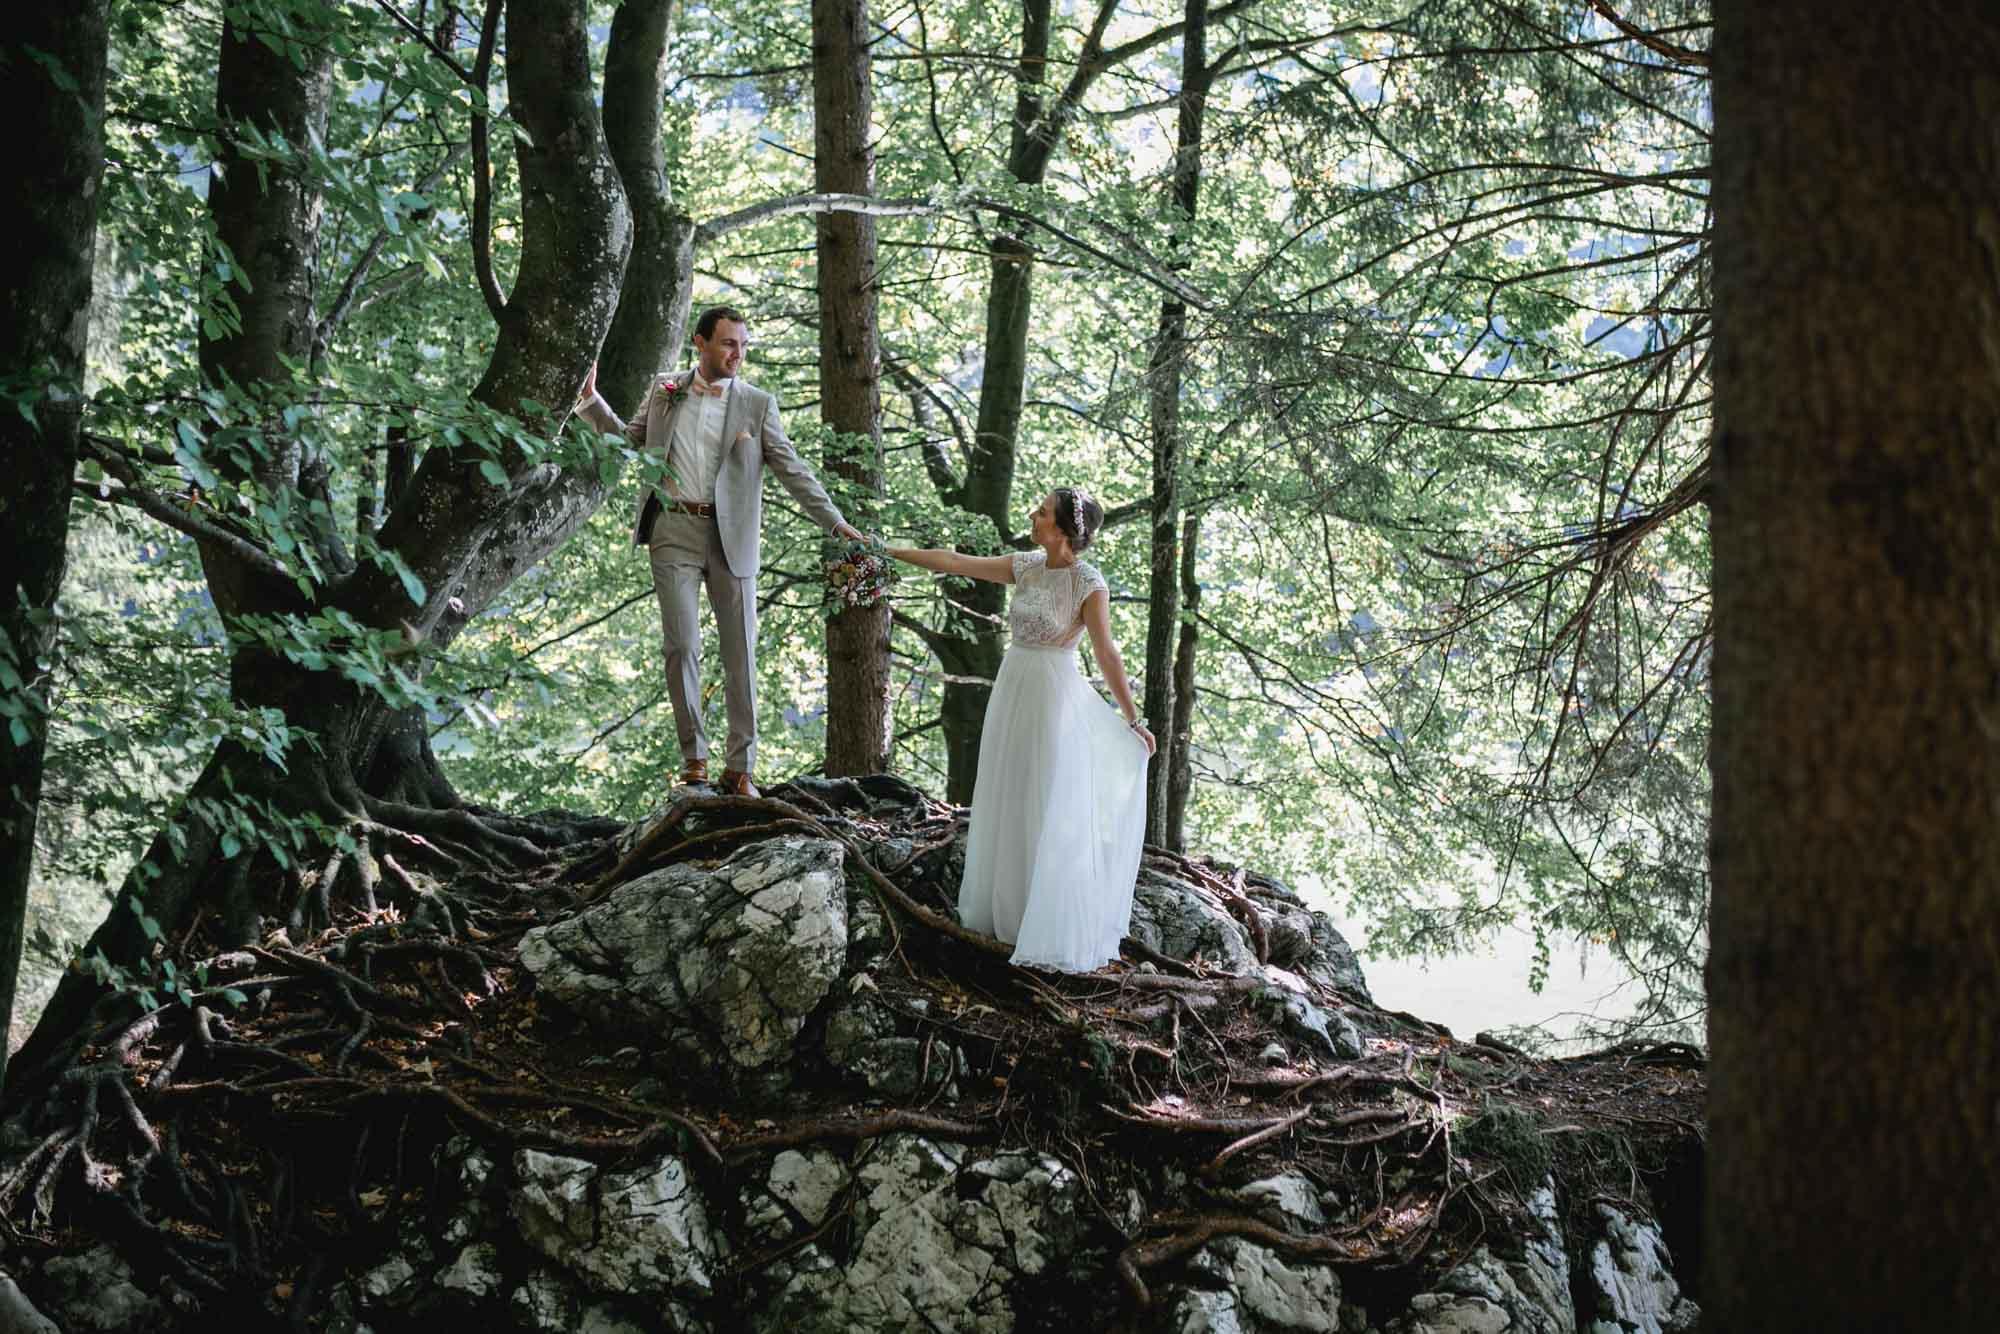 Hochzeitsfotografin Stefanie Reindl